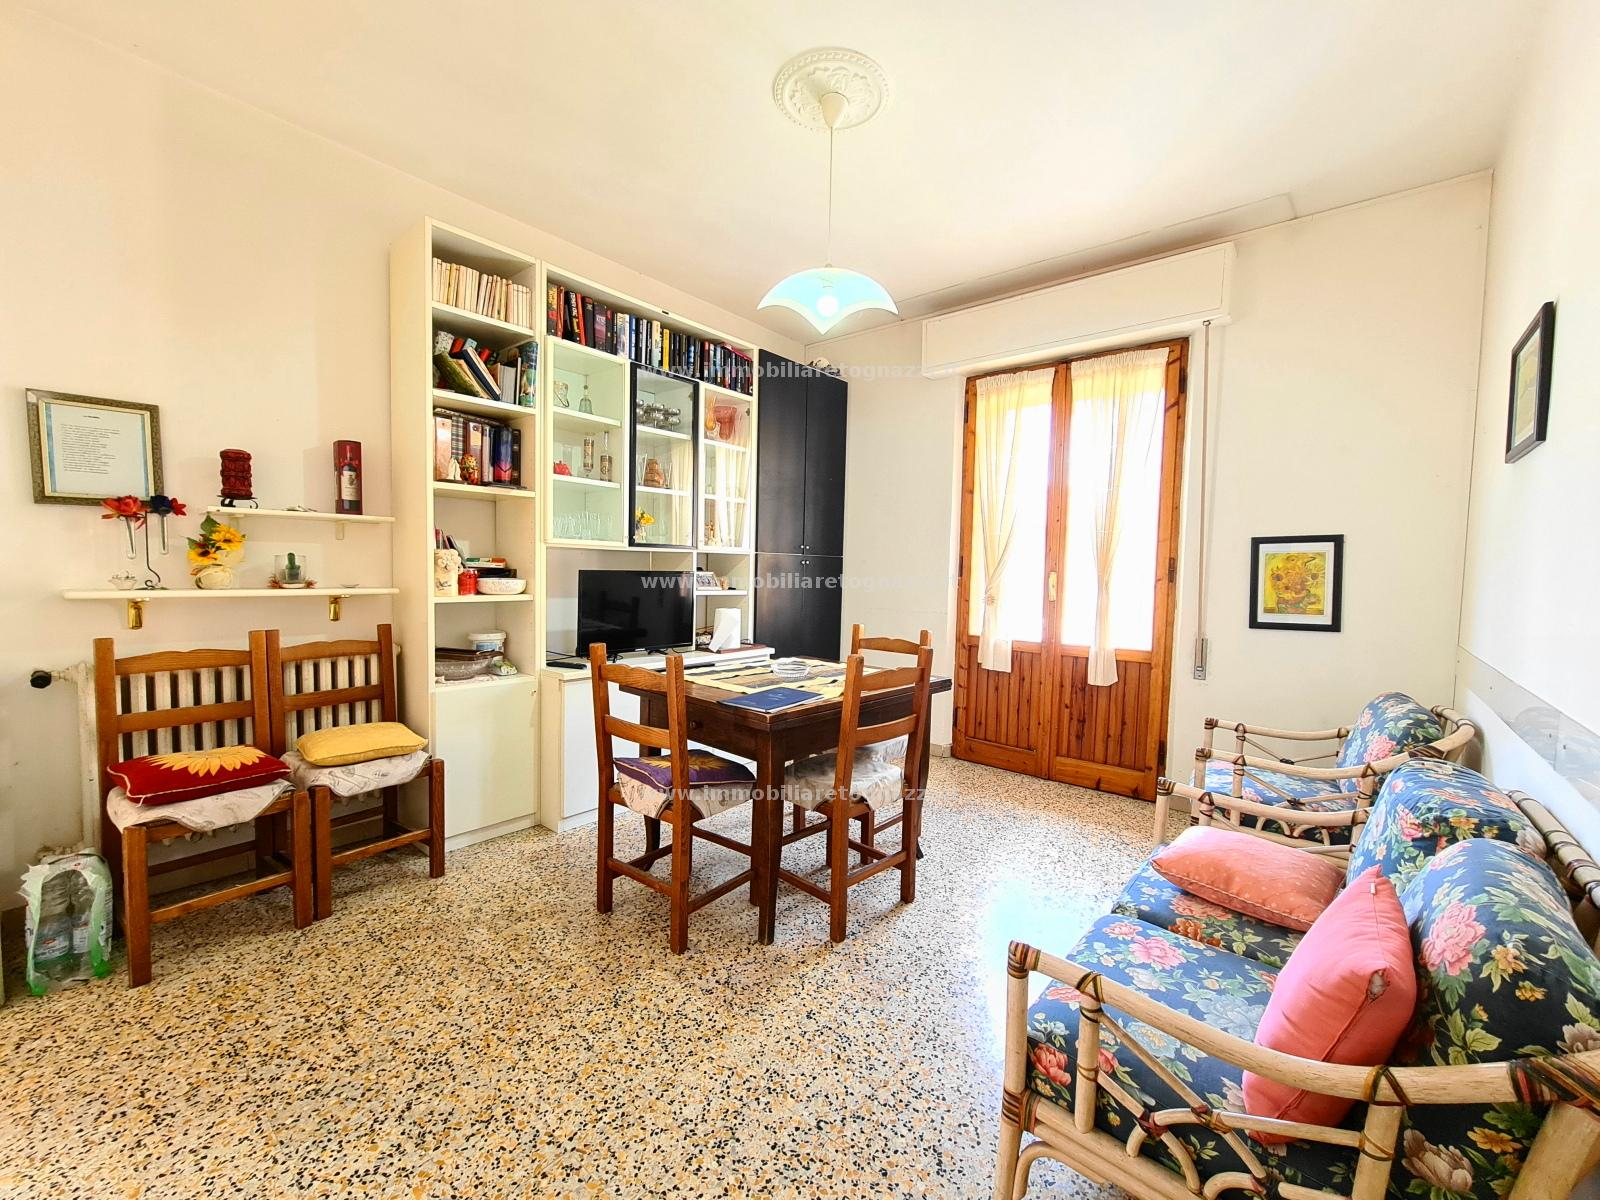 Appartamento in vendita a Certaldo, 4 locali, prezzo € 135.000 | PortaleAgenzieImmobiliari.it